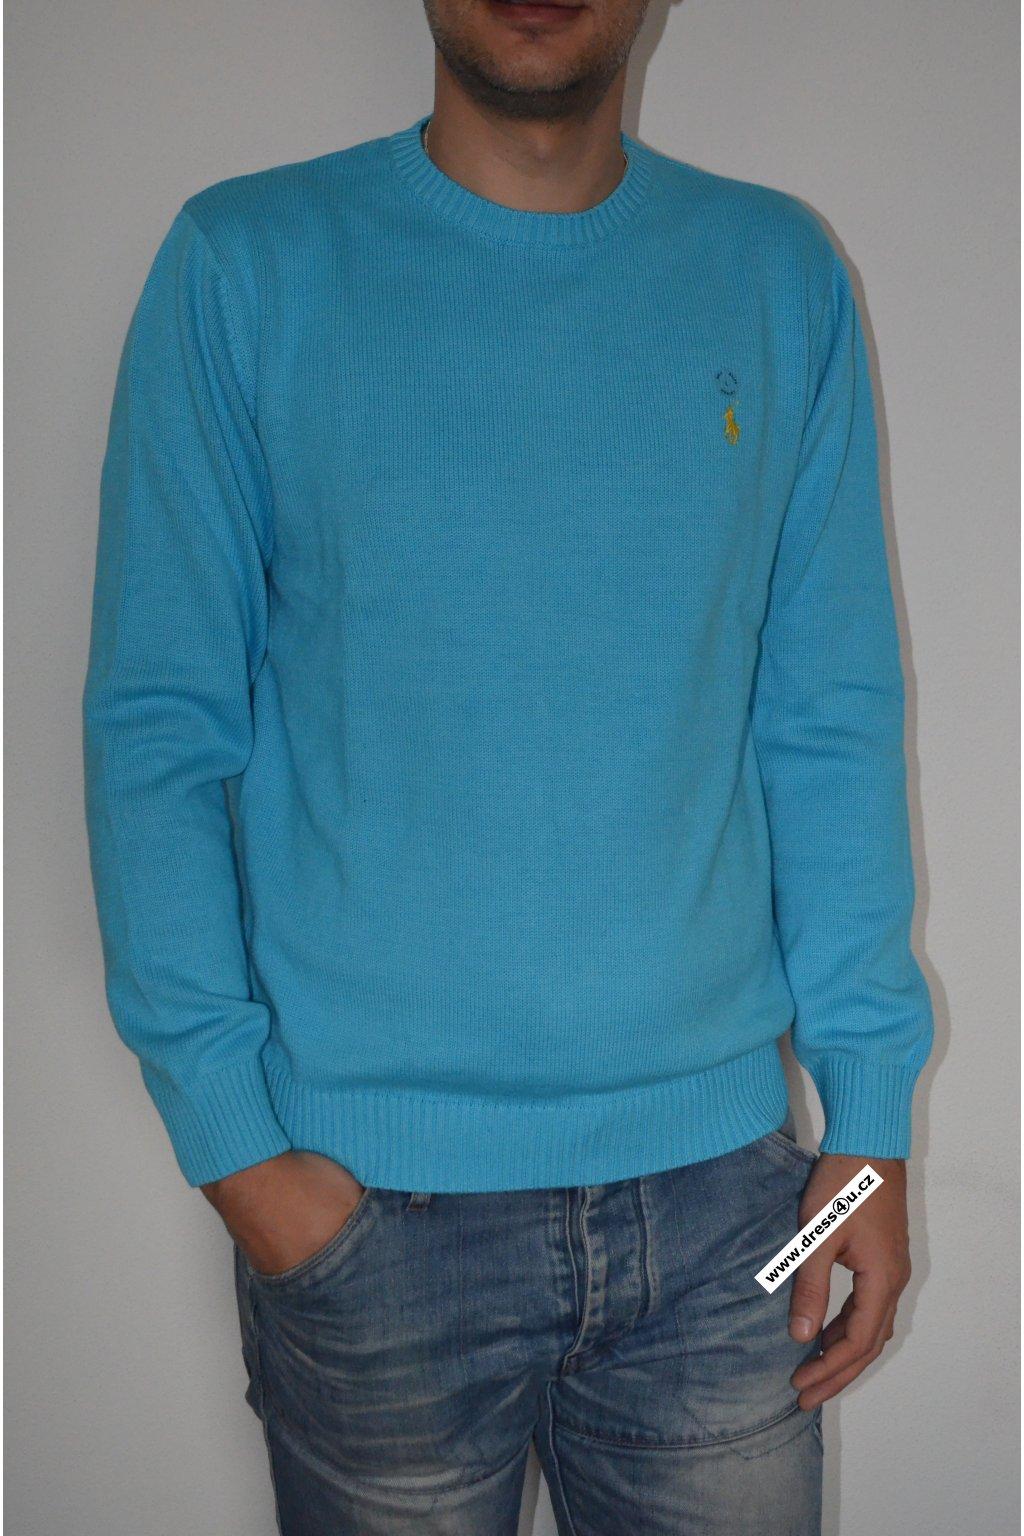 Ralph Lauren pánský svetr sv.modrý